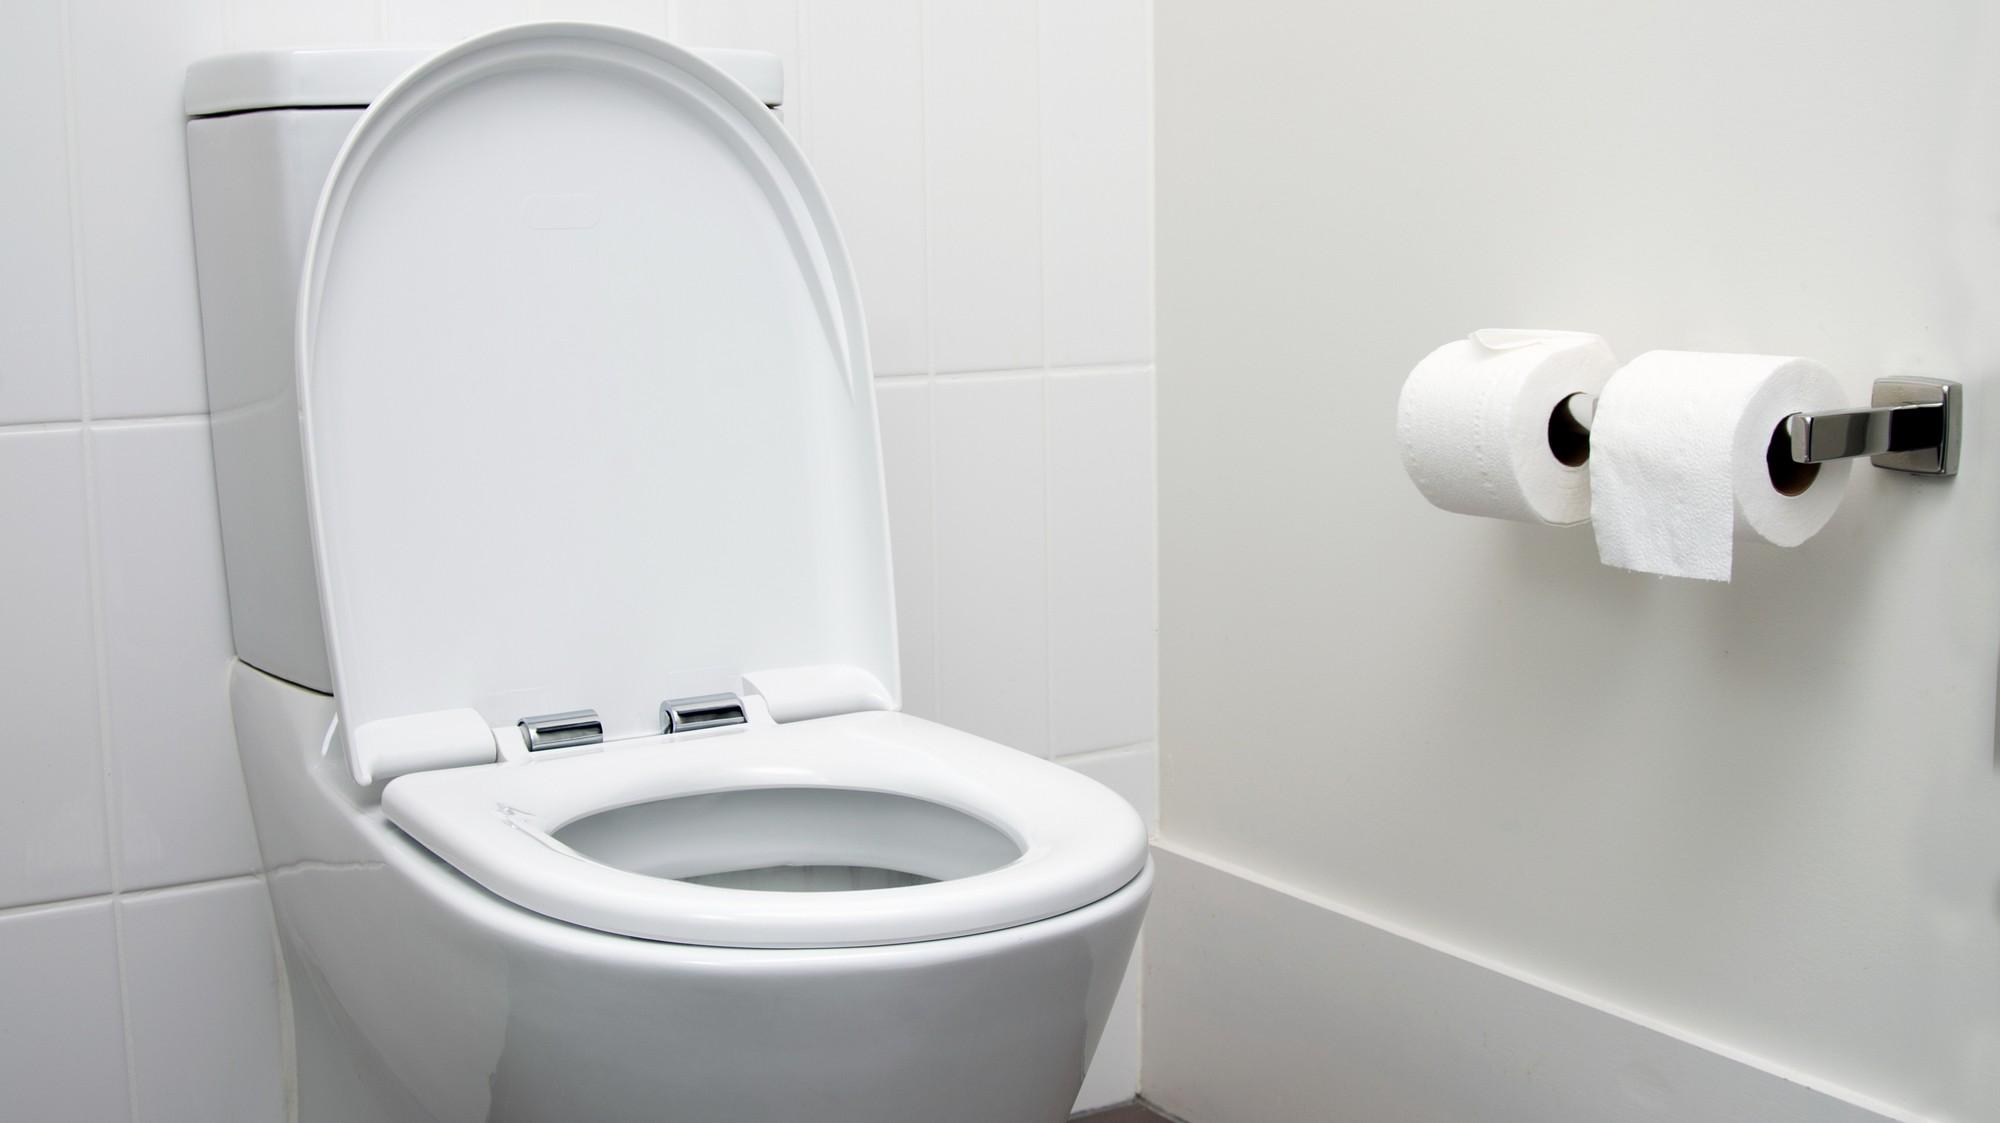 Resultado de imagem para Facebook obriga seus moderadores a logar cada minuto de seus dias trabalho - até idas ao banheiro